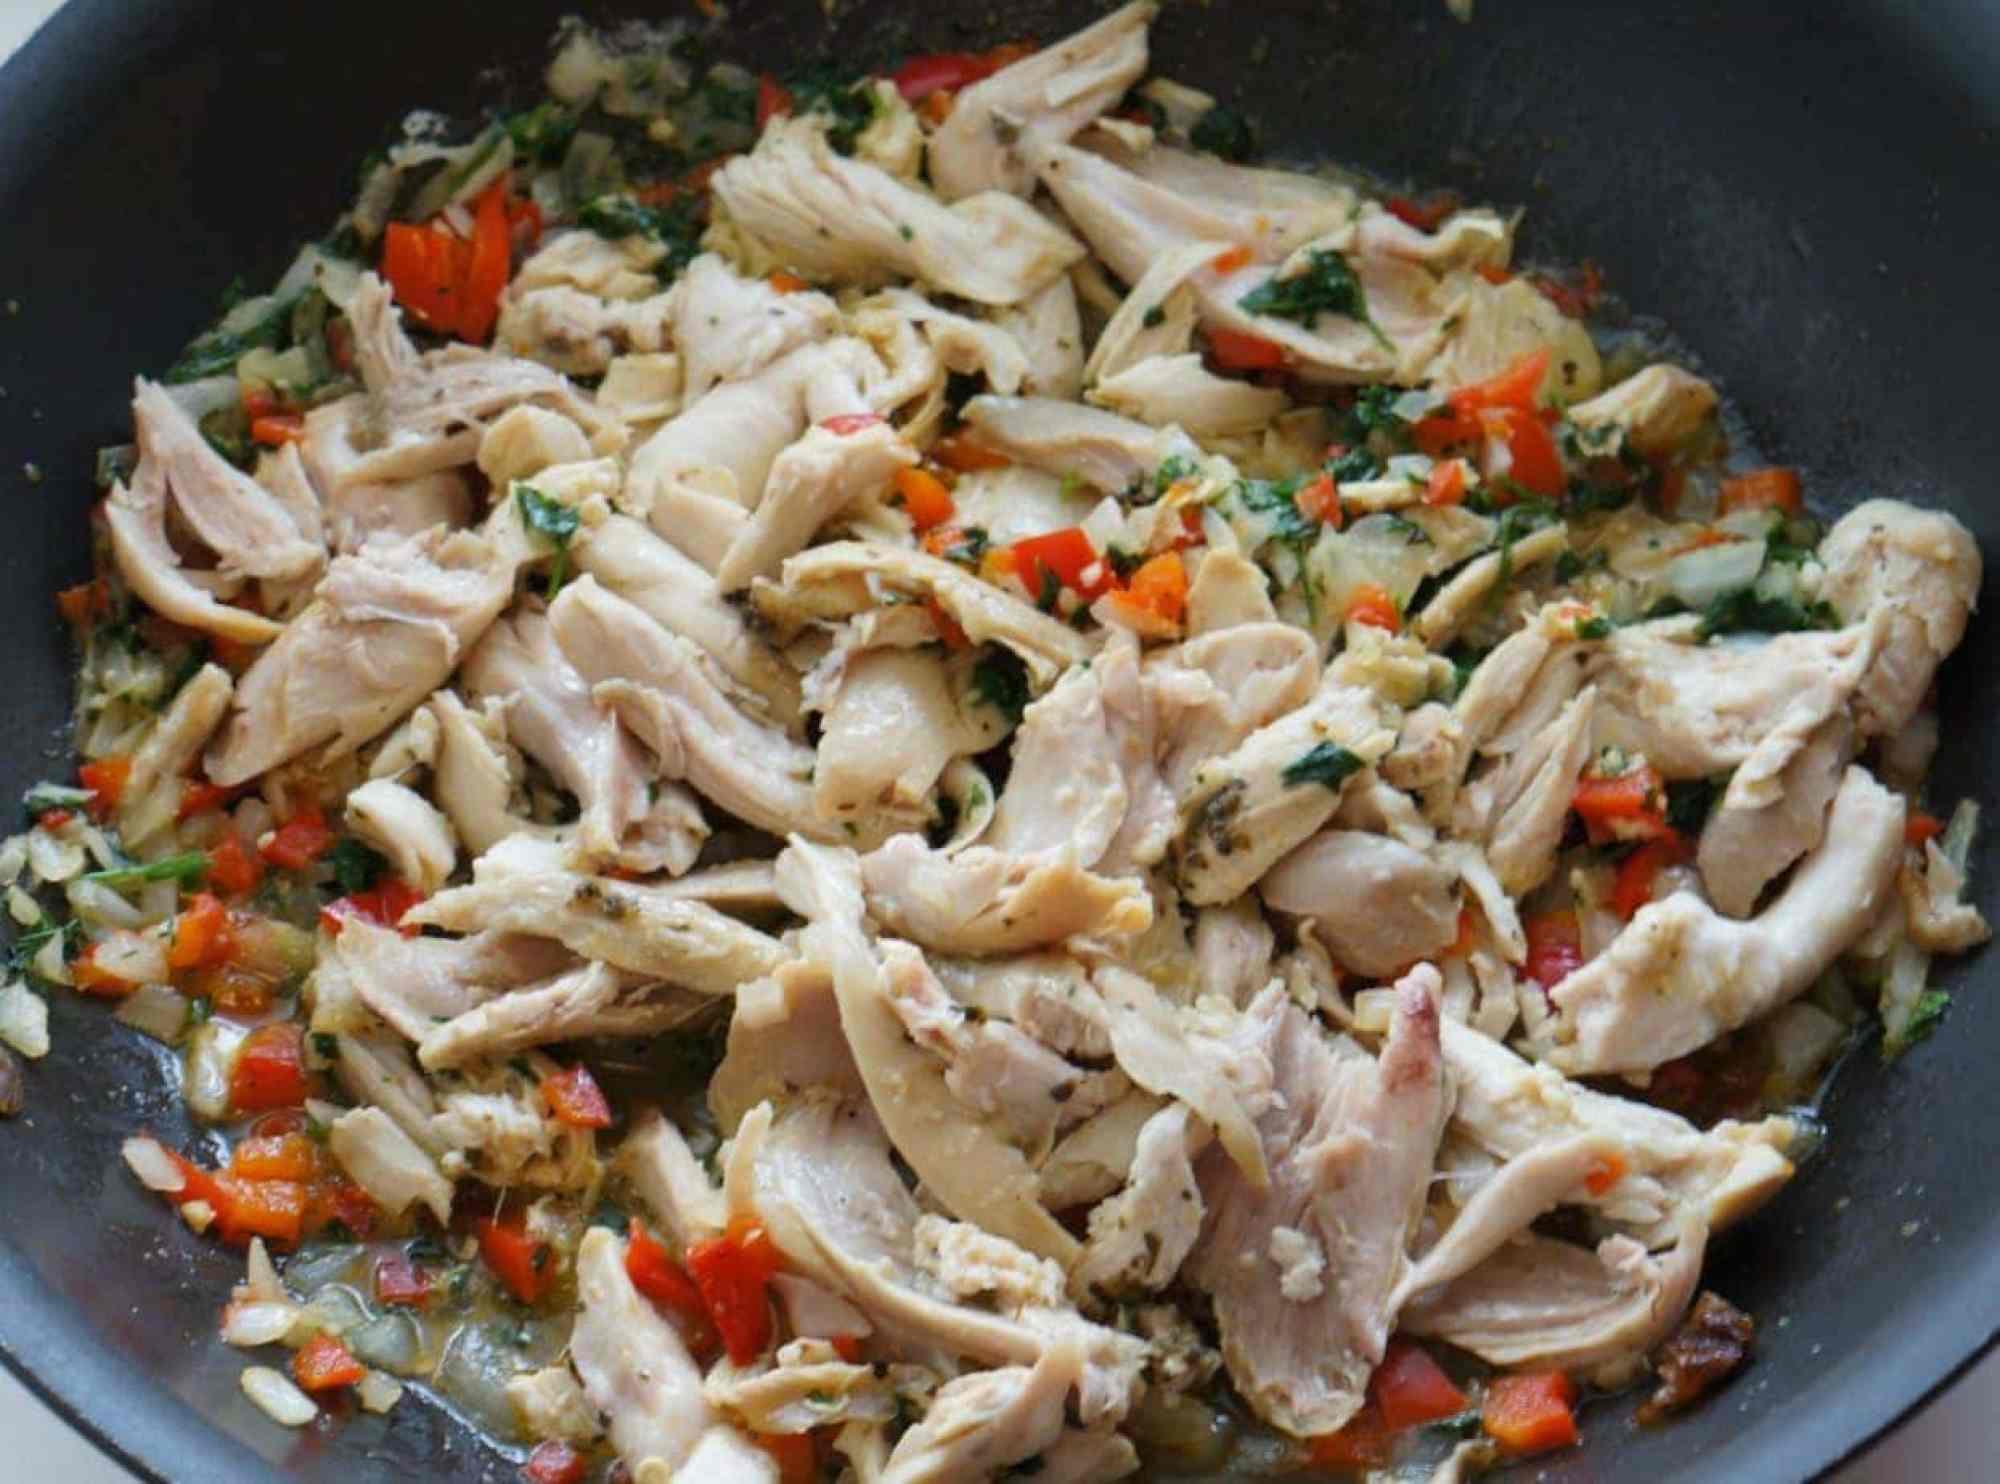 Arroz Con Pollo Costa Rican Main Dish With Rotisserie Chicken